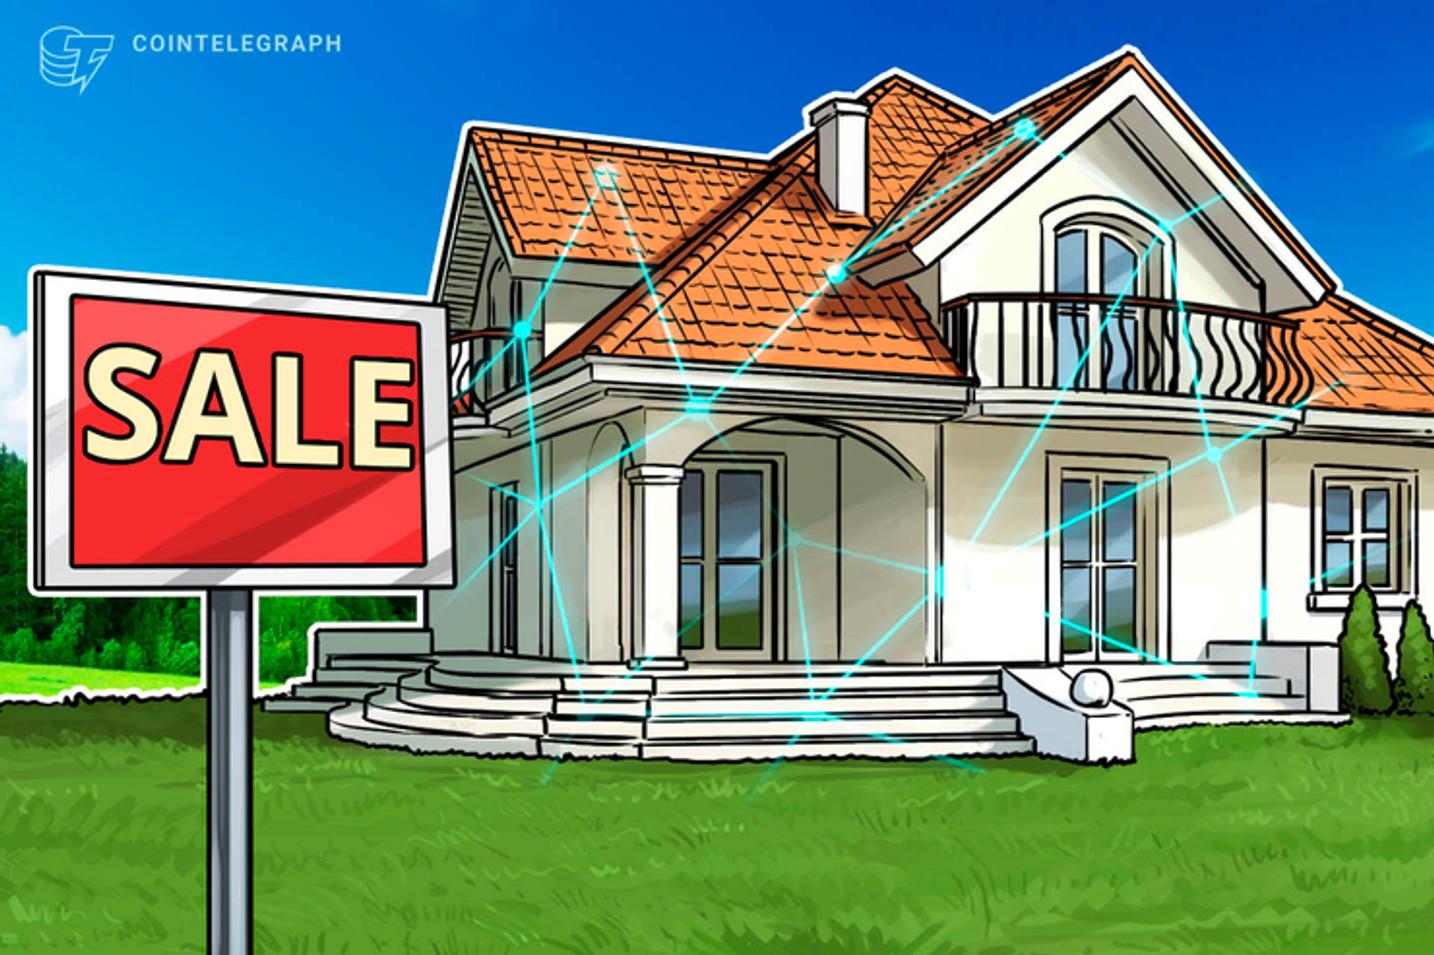 No Rio Grande do Sul usuário pode pagar aluguel e comprar imóveis com Bitcoin, Ethereum, Binance Coin e criptomoedas